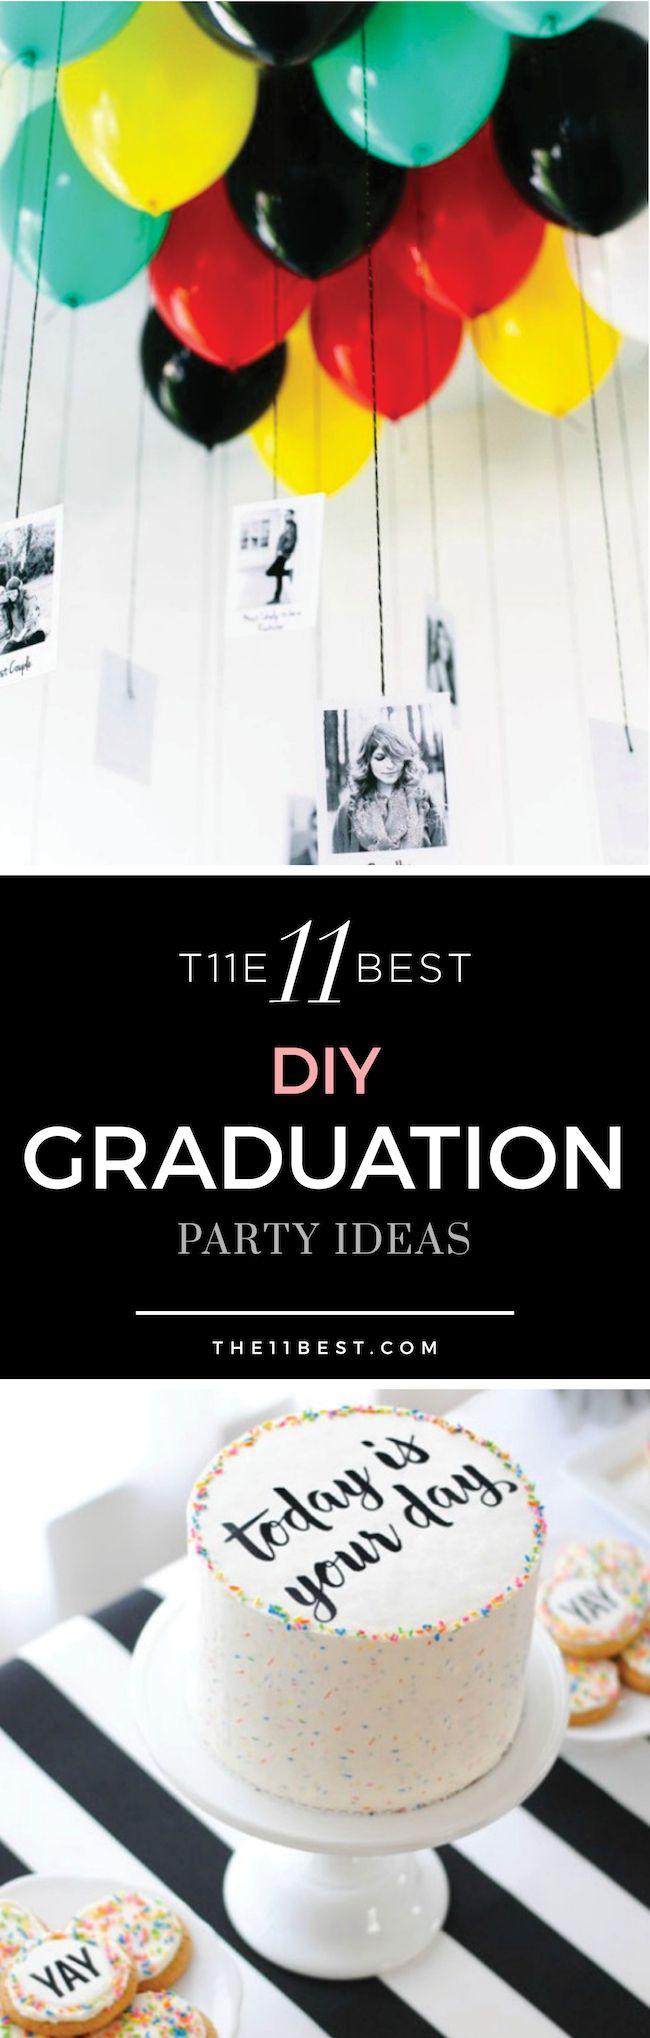 The BEST graduation party ideas!